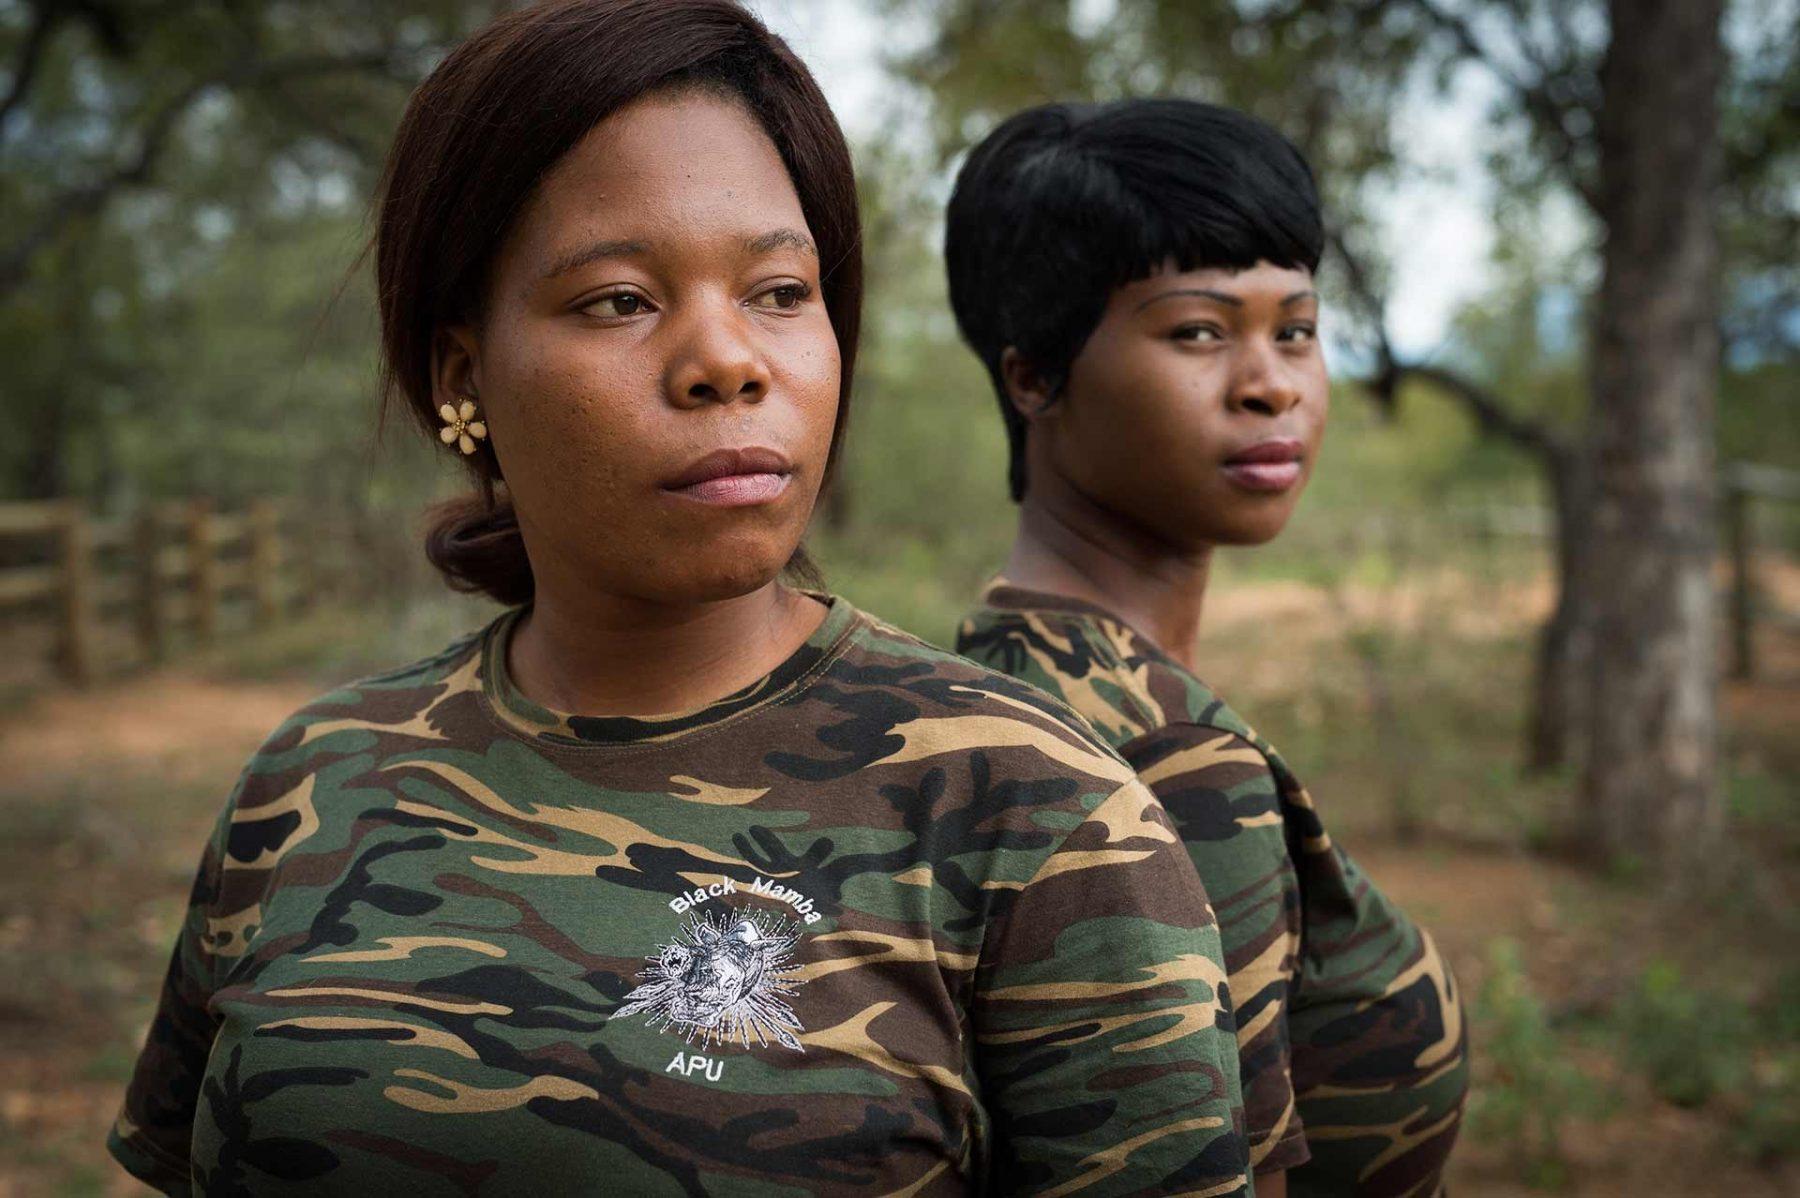 Yenzekile Mathebula and Leitah Mkhabela of the Black Mambas, an all-female anti-poaching unit. South Africa, 2016